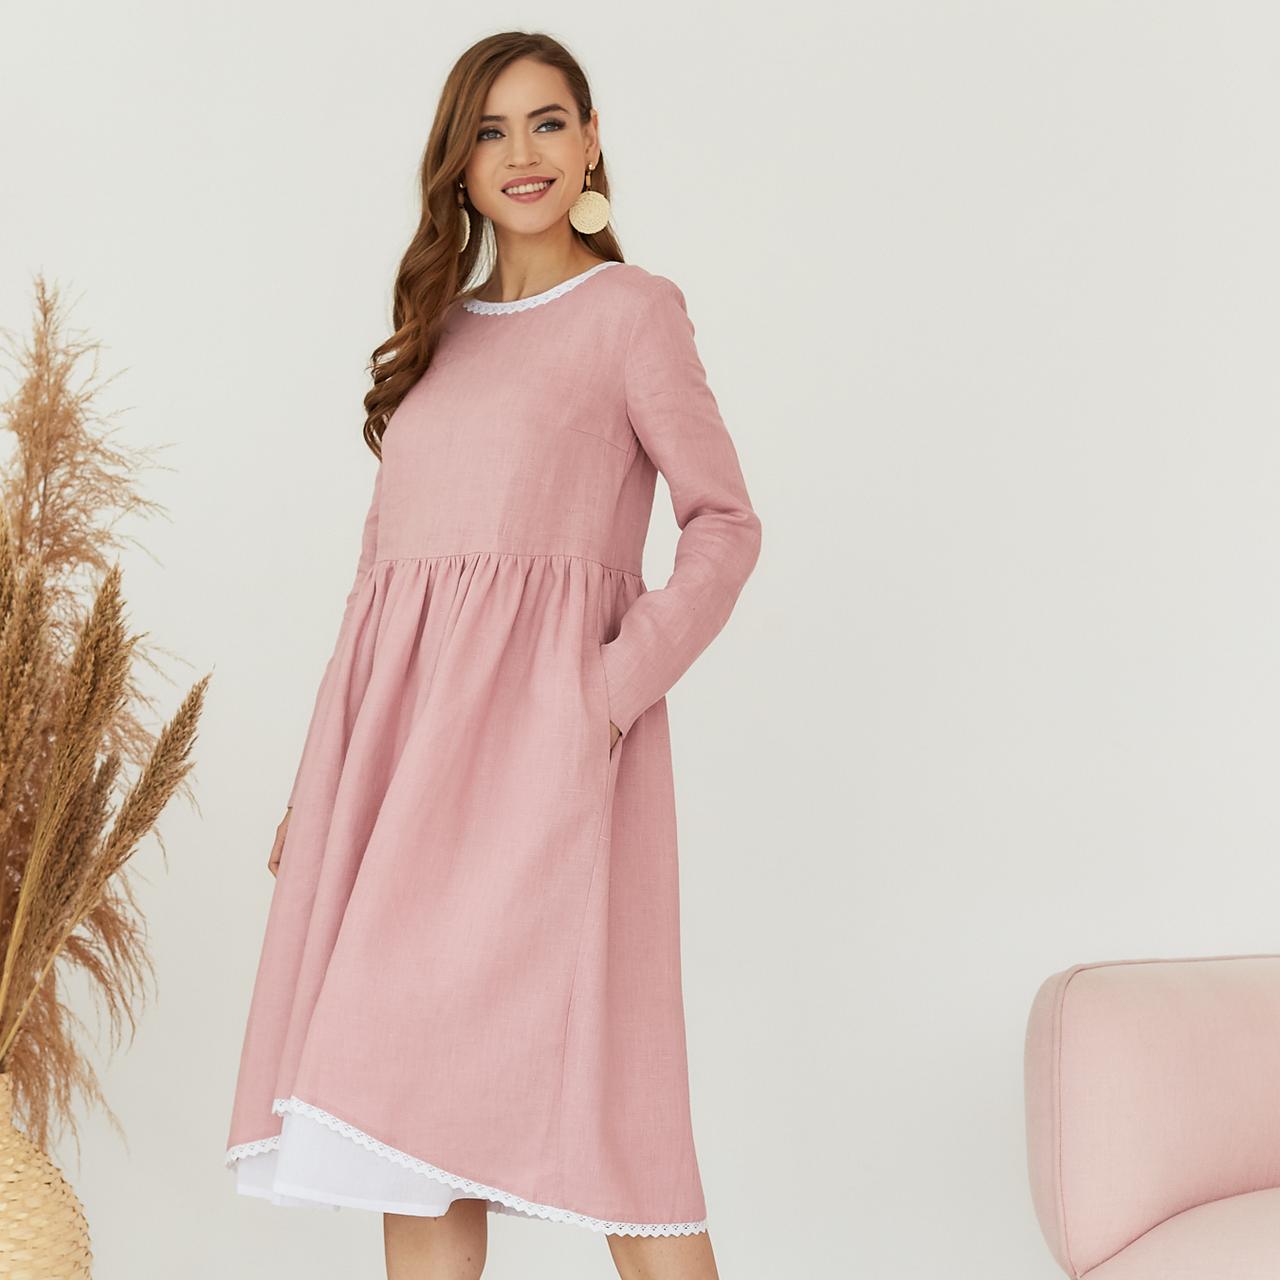 Платье женское льняное с хлопковым кружевом пыльно-розового цвета - фото 3